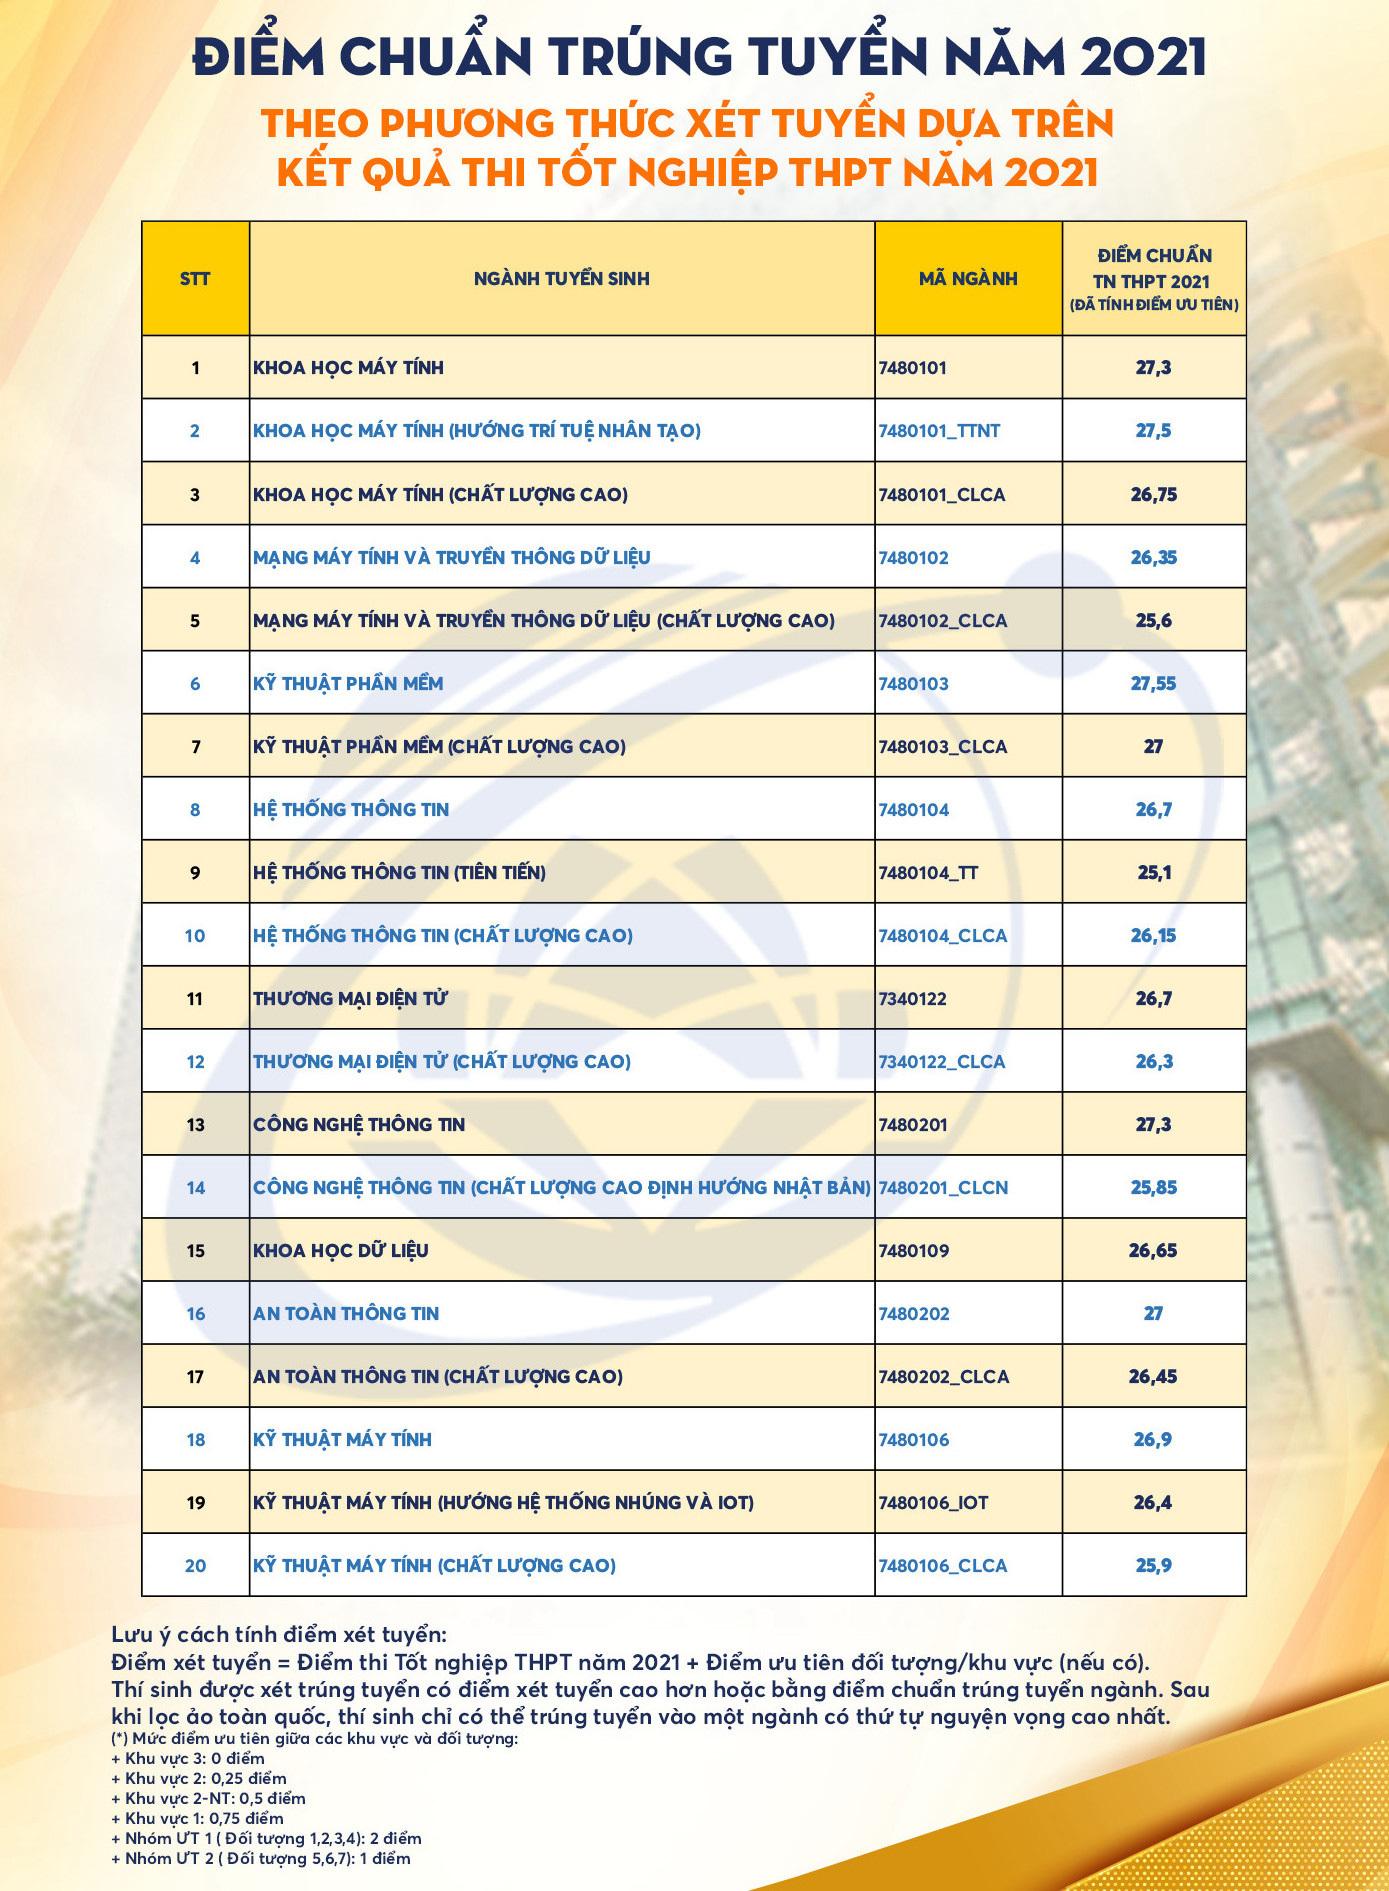 Điểm chuẩn các trường thuộc ĐH Quốc gia TP.HCM năm 2021